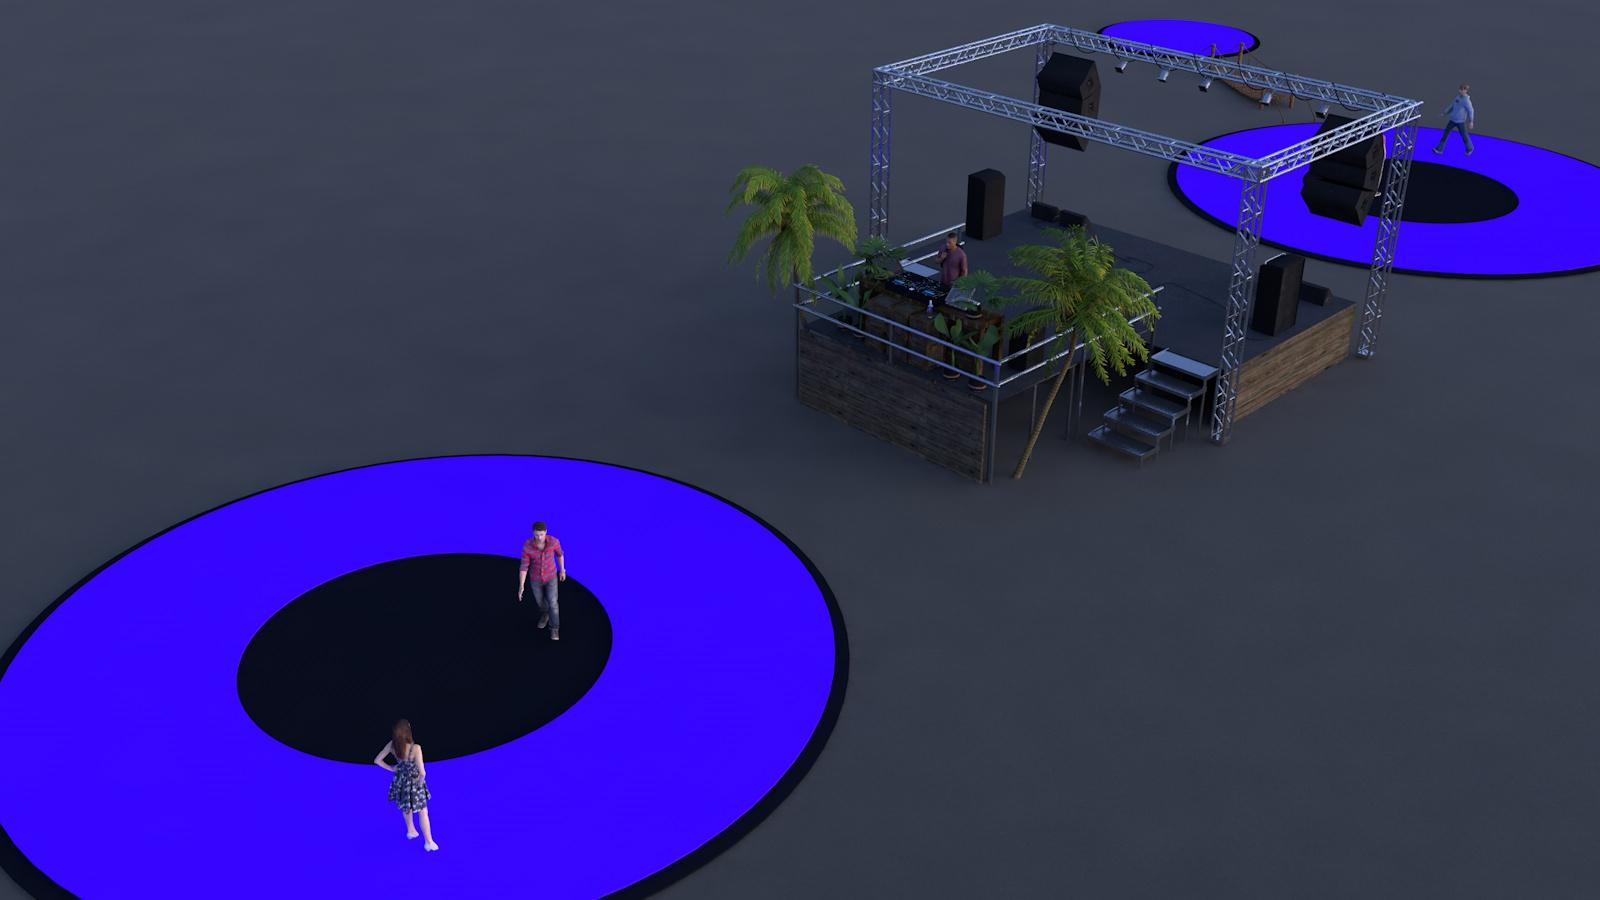 Stage+Dance Floor Render 5.jpg